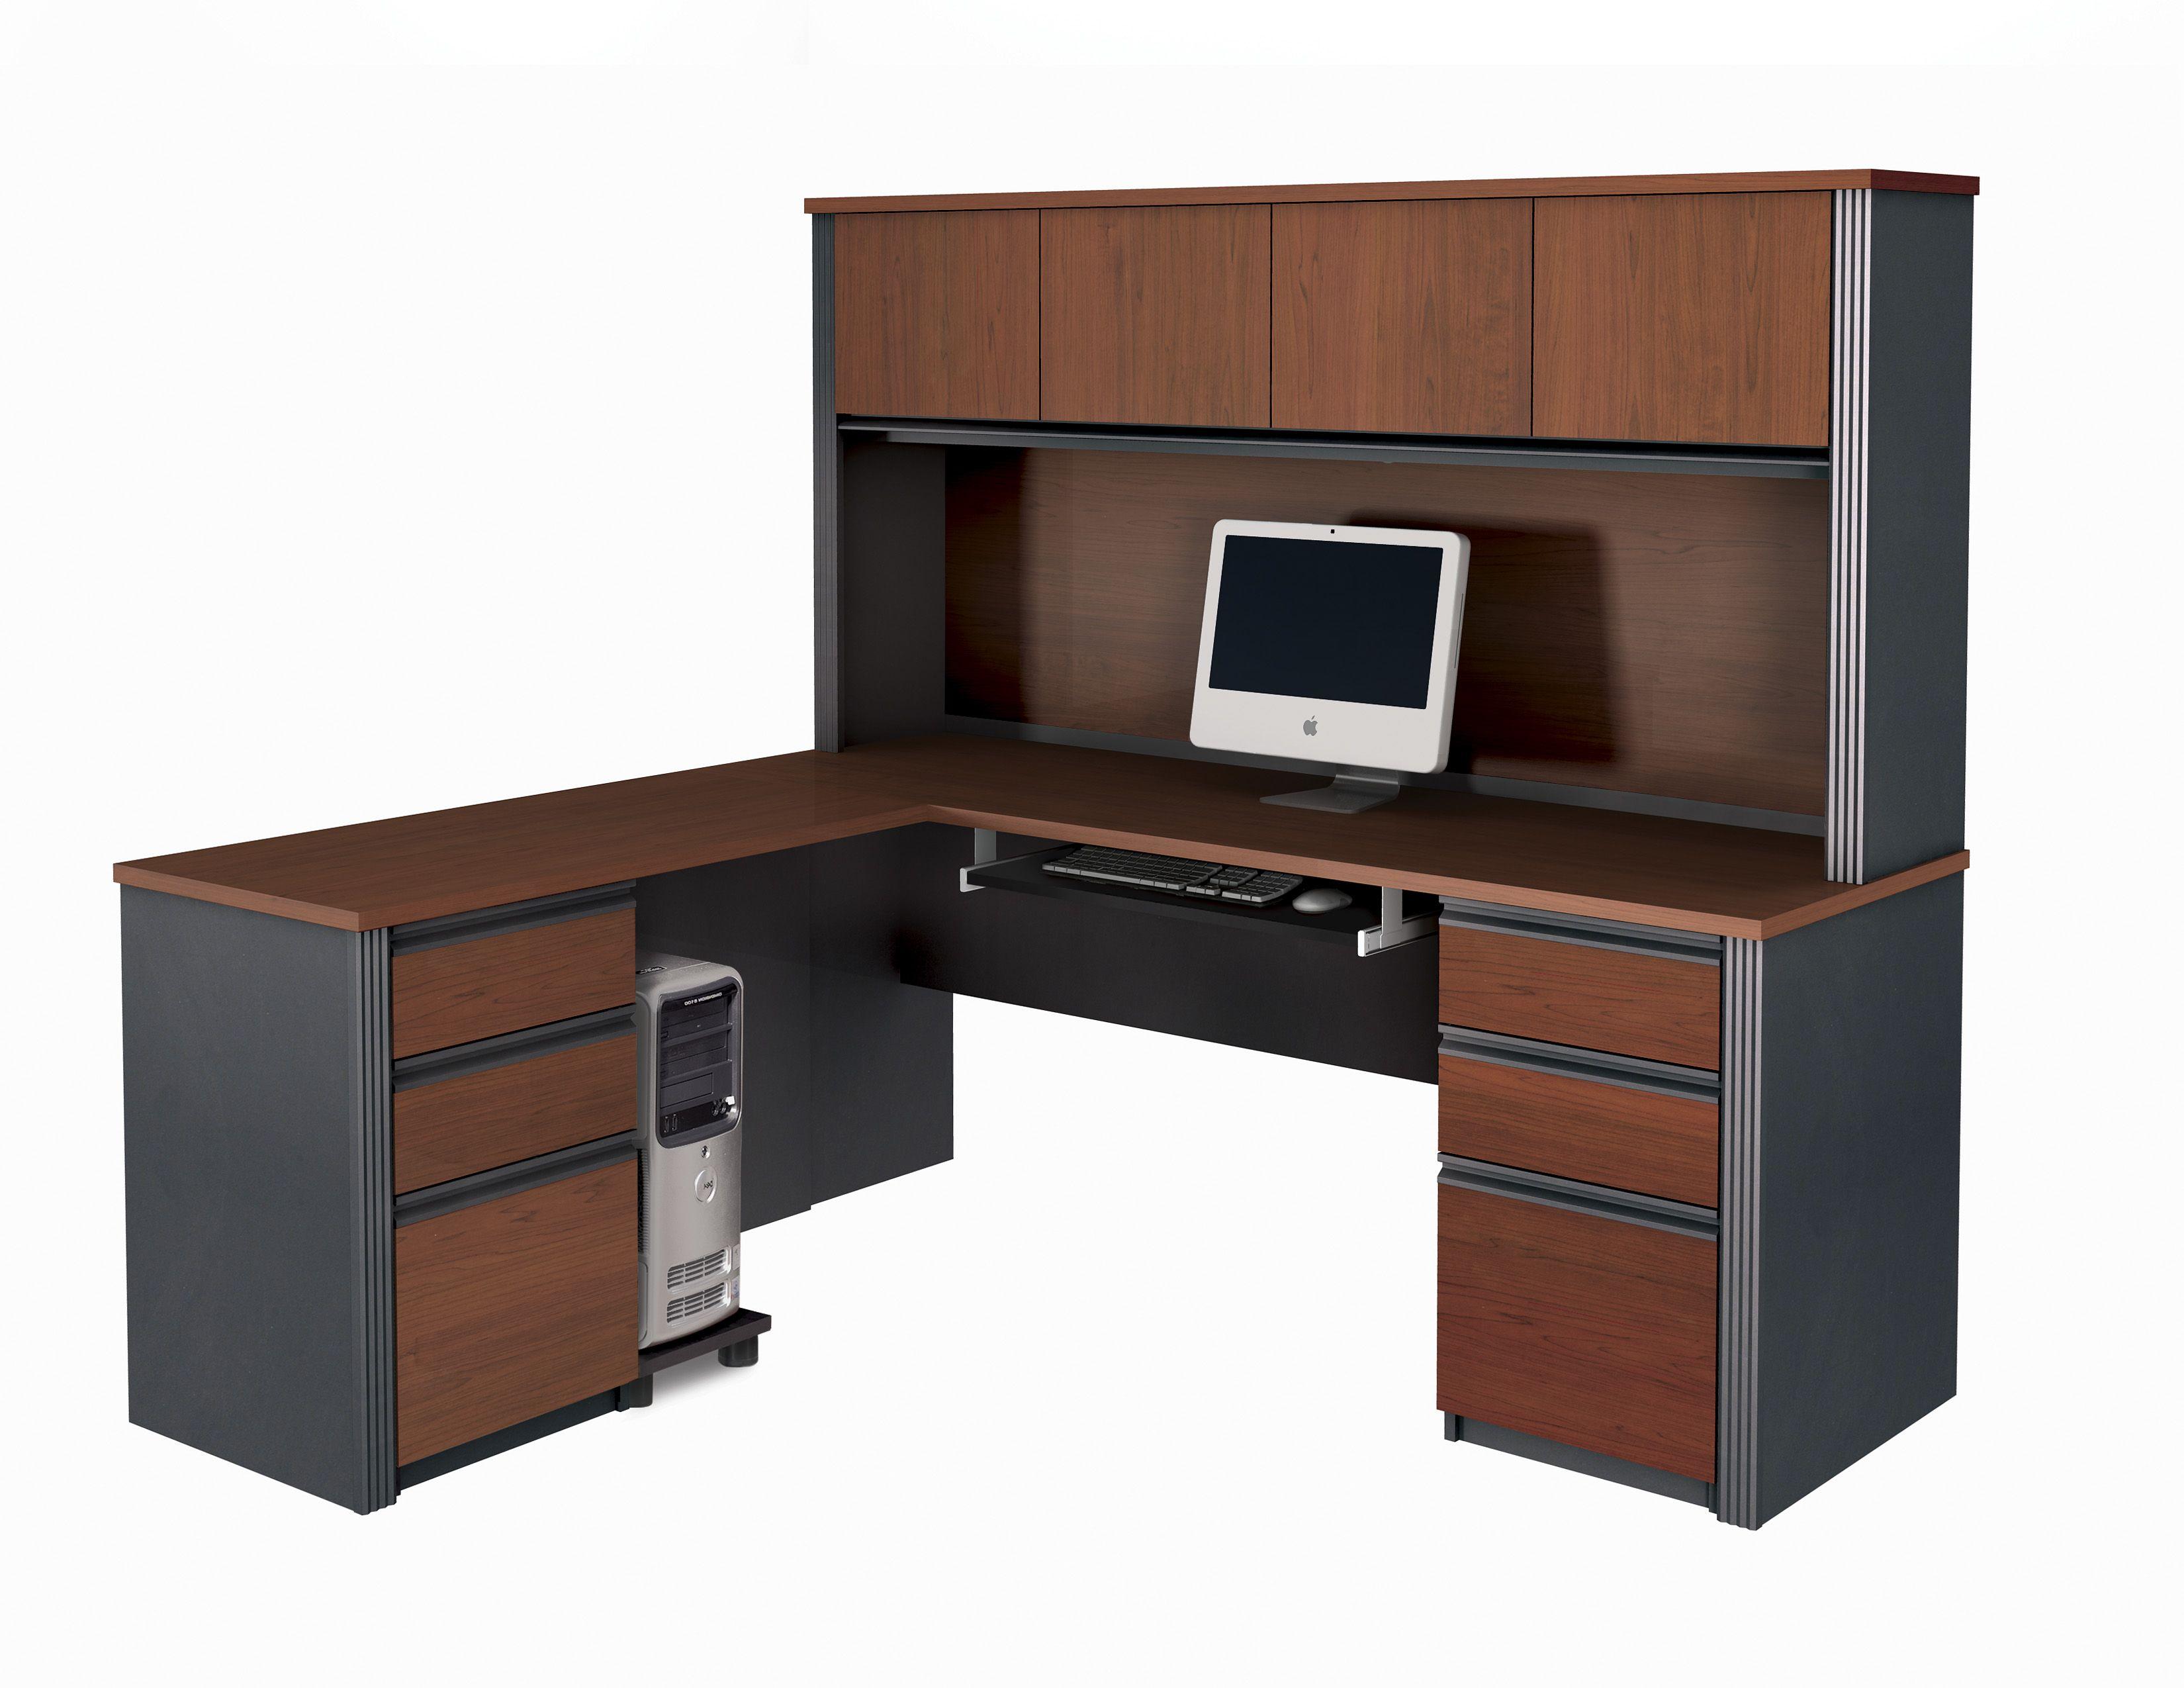 L Shaped Desk Google Search Bookshelves Pinterest Desk Desk